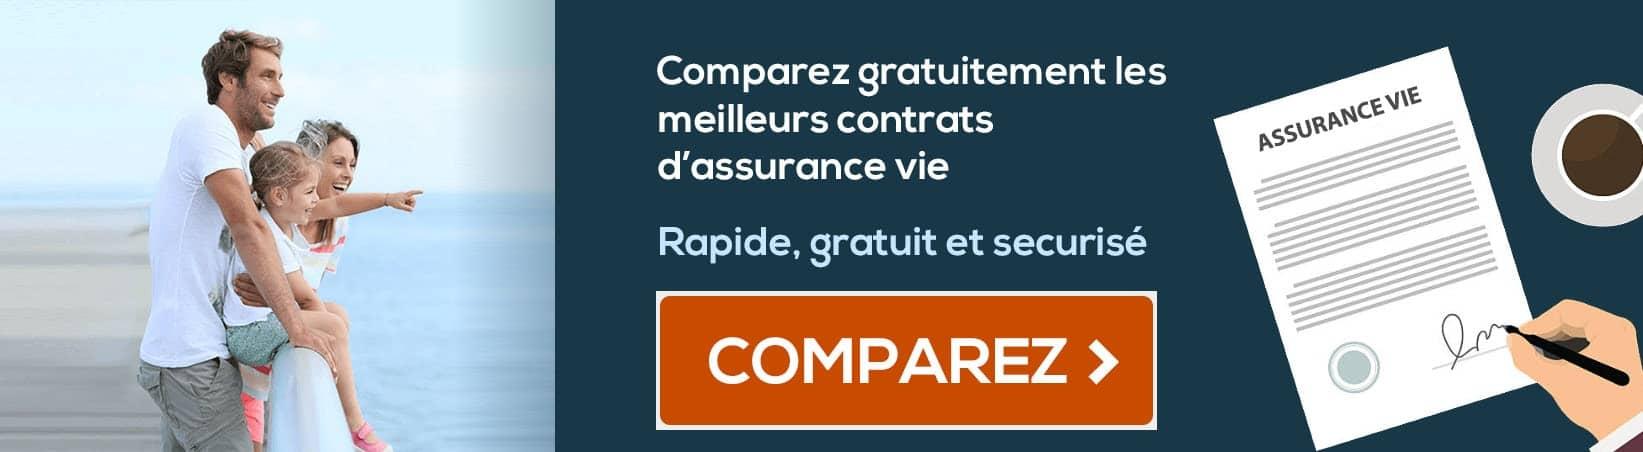 Assurance Vie Comparatif Des Taux Et Performances Des Contrats 2019